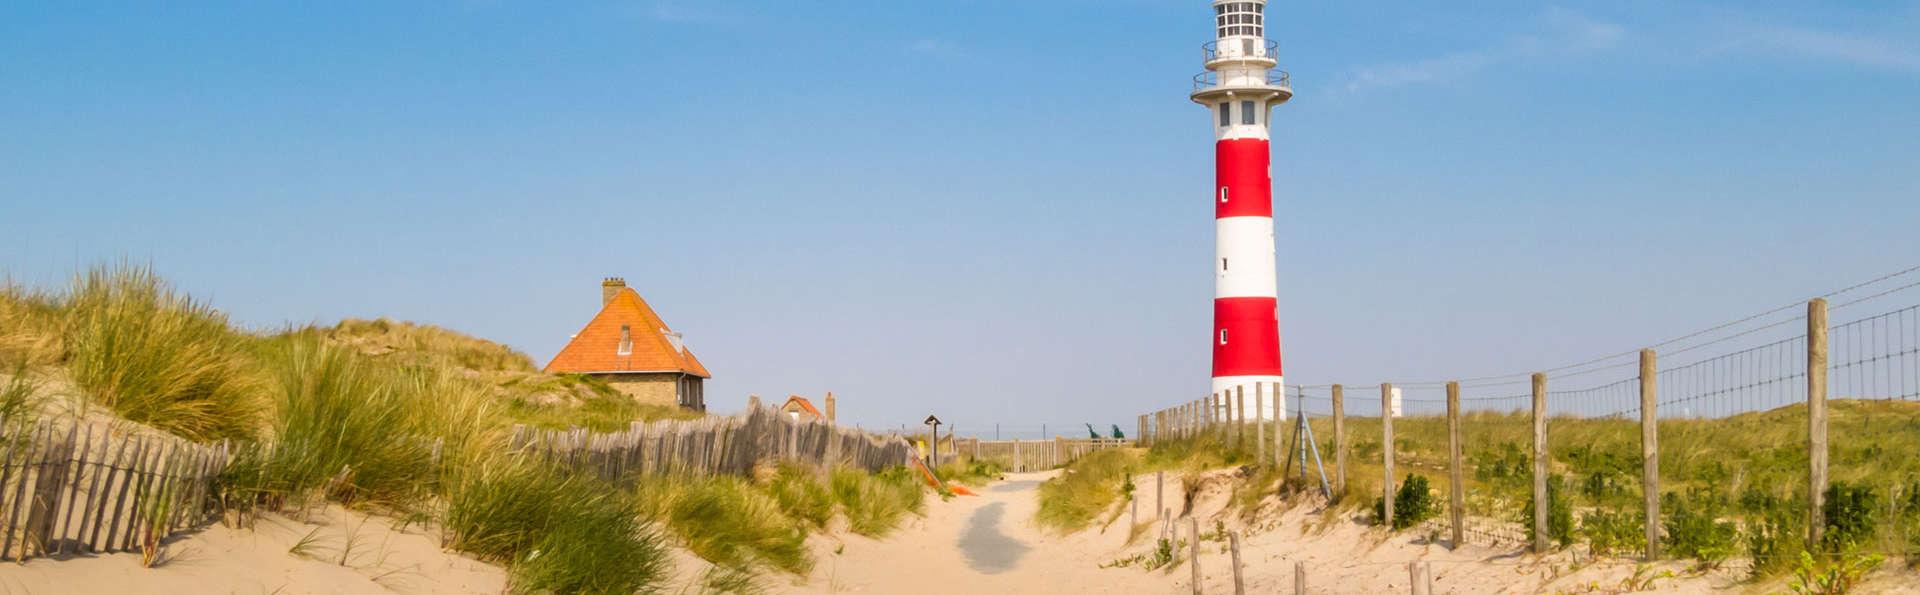 Plaisir total sur la merveilleuse côte belge à Ostende